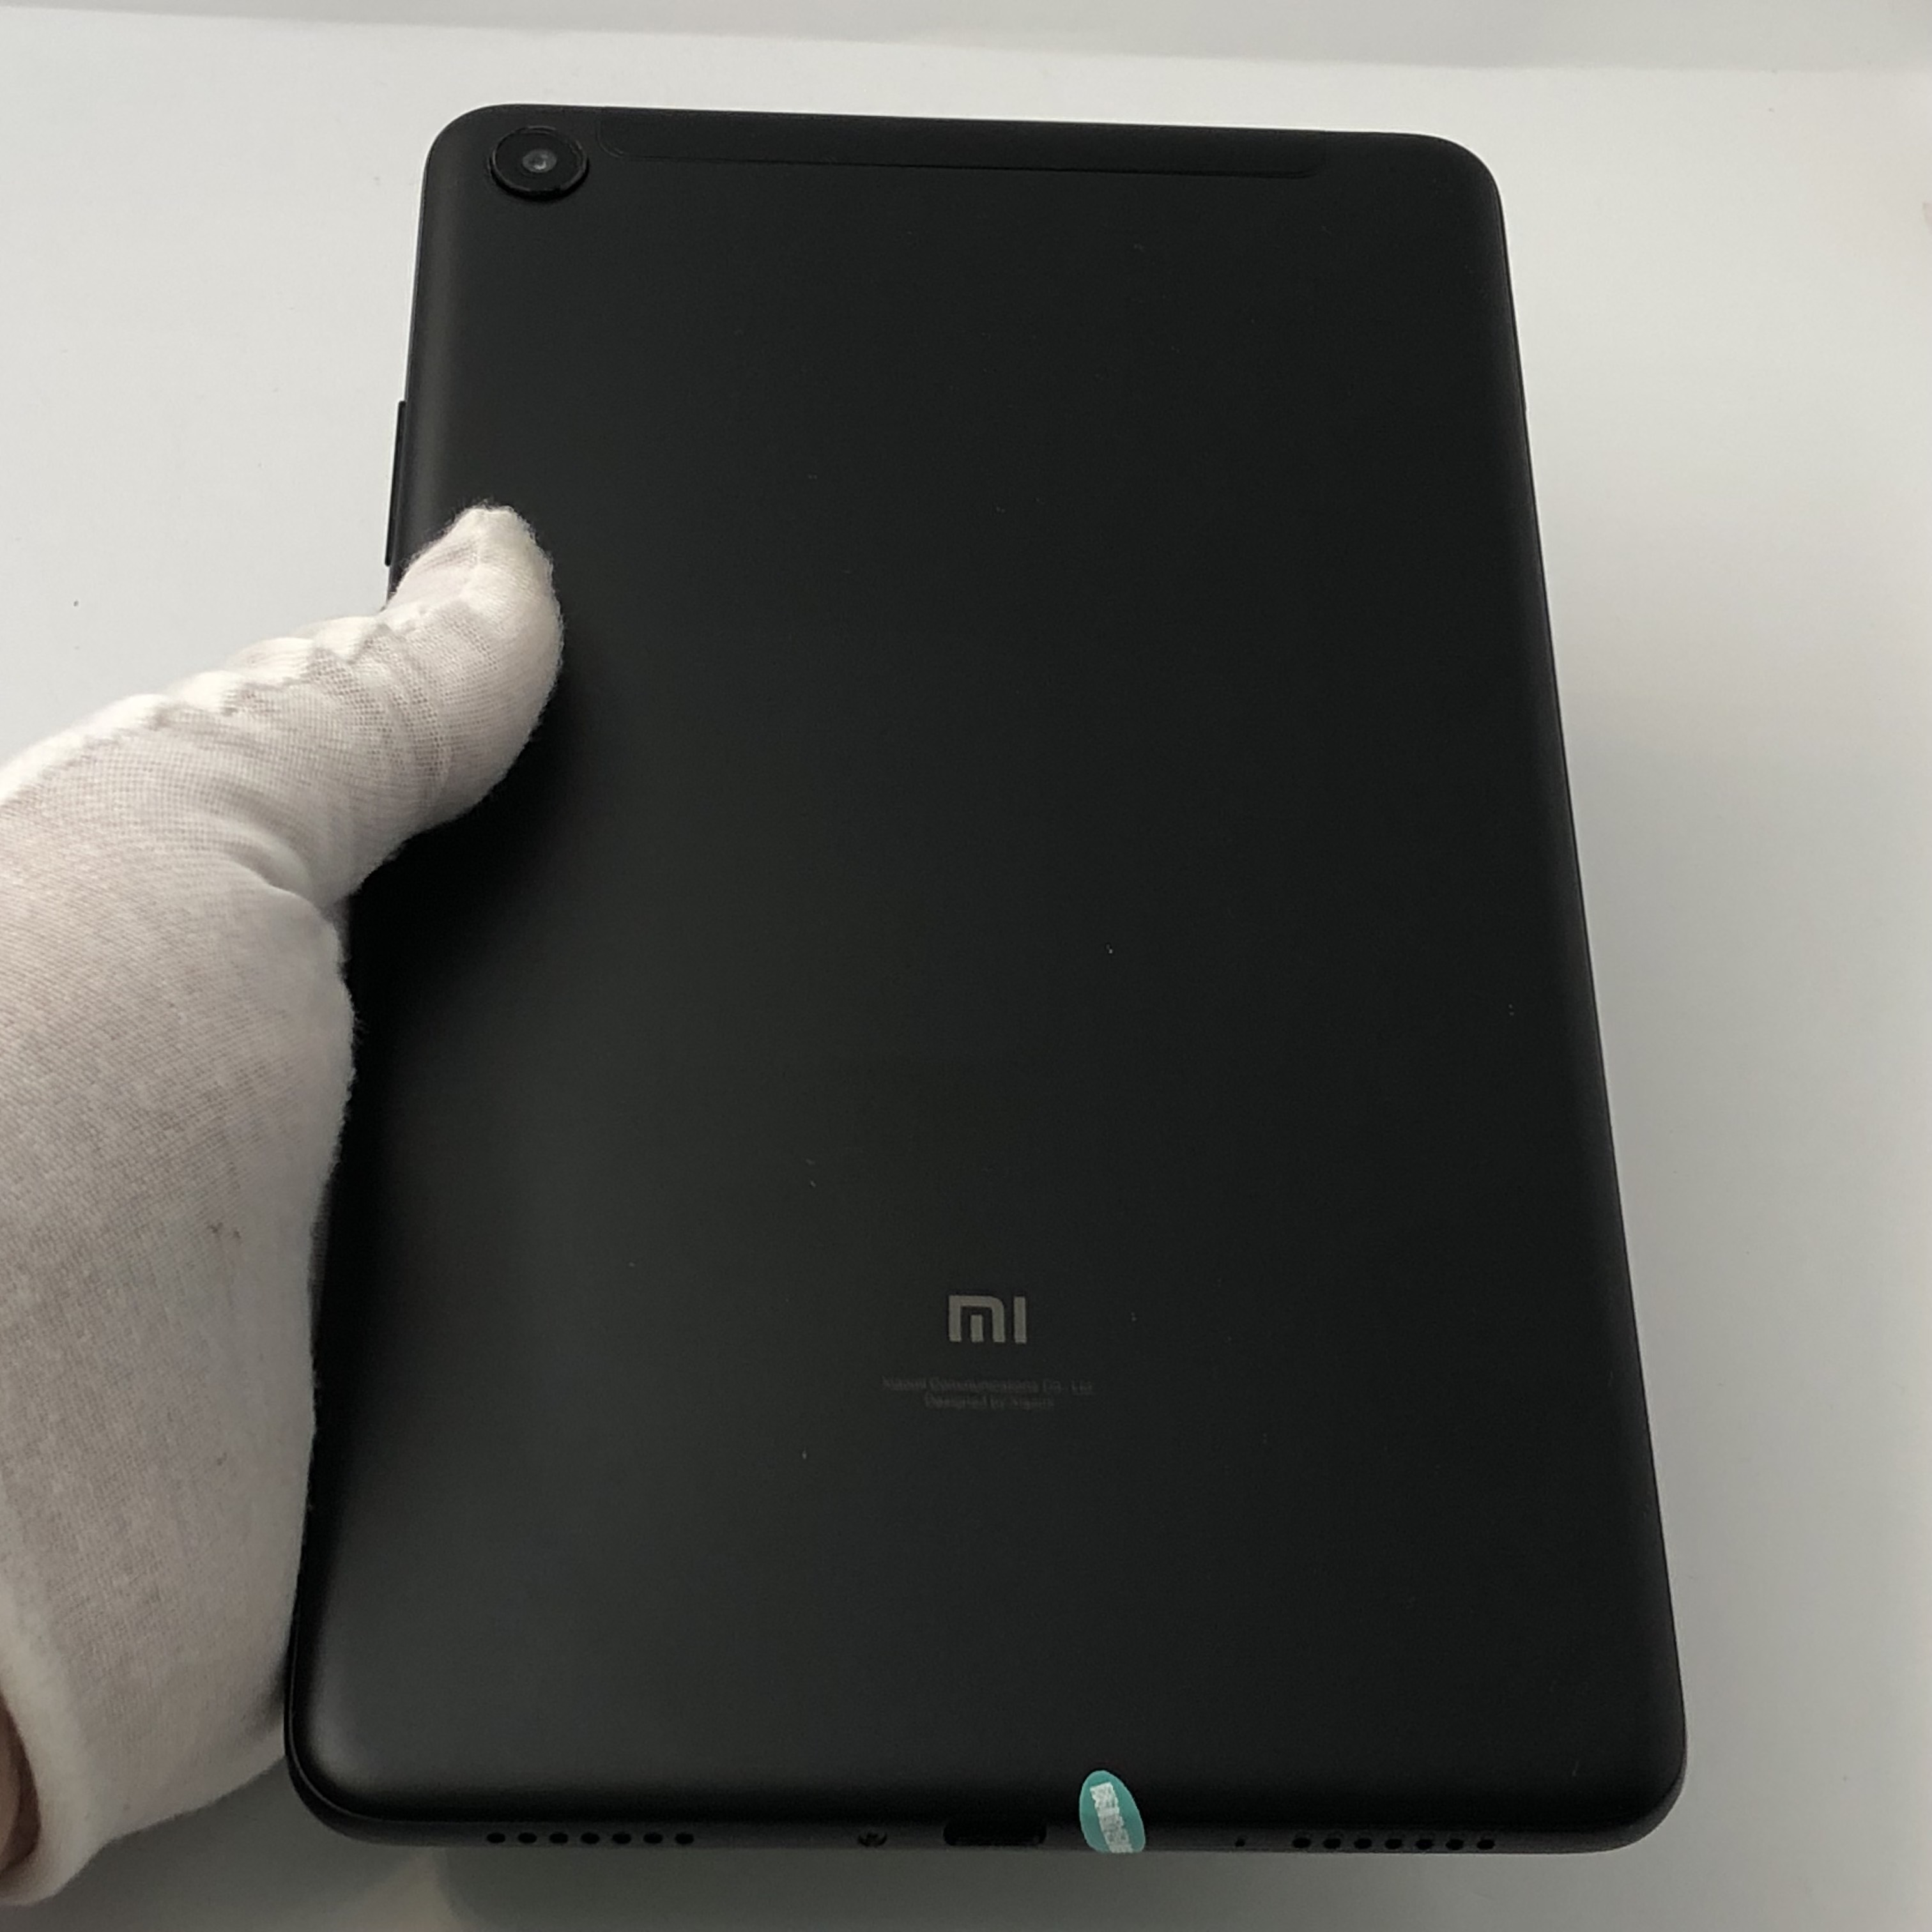 小米【平板4】WIFI版 黑色 64G 国行 9成新